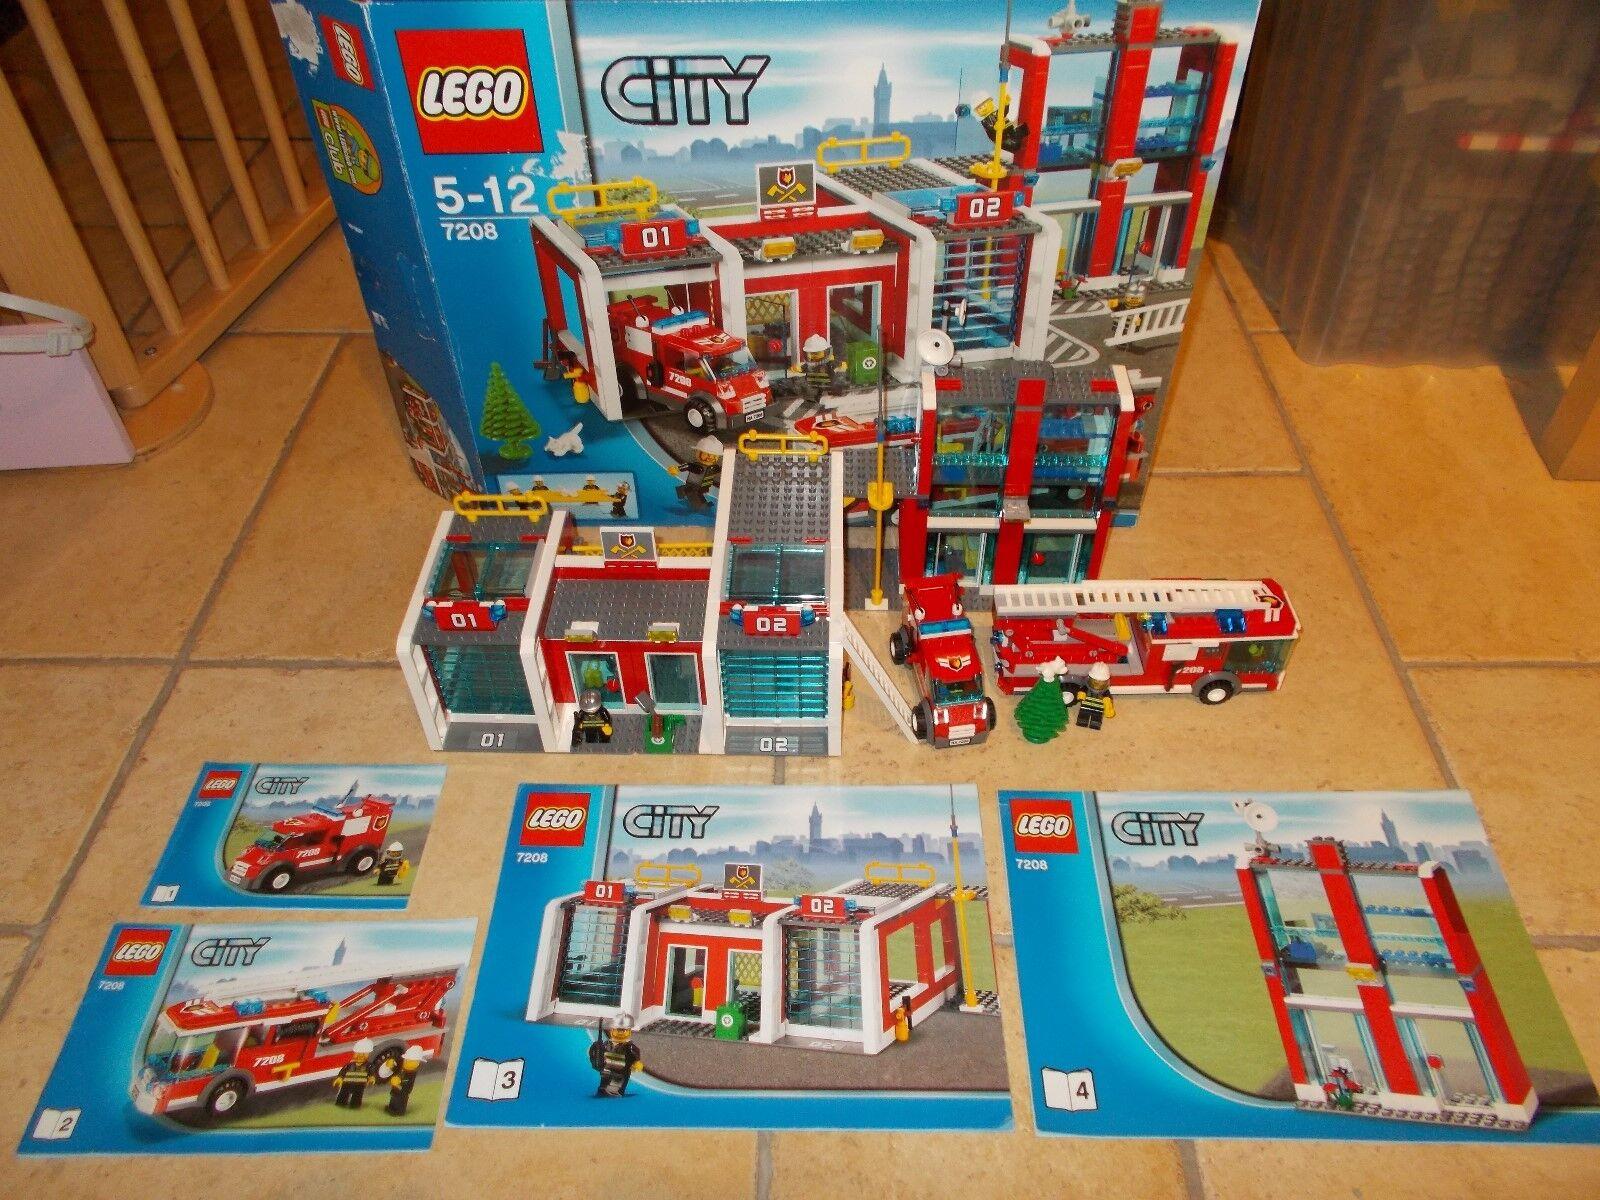 Lego® City Feuerwehr - 7208 - Große Feuerwehrstation mit OVP und BA